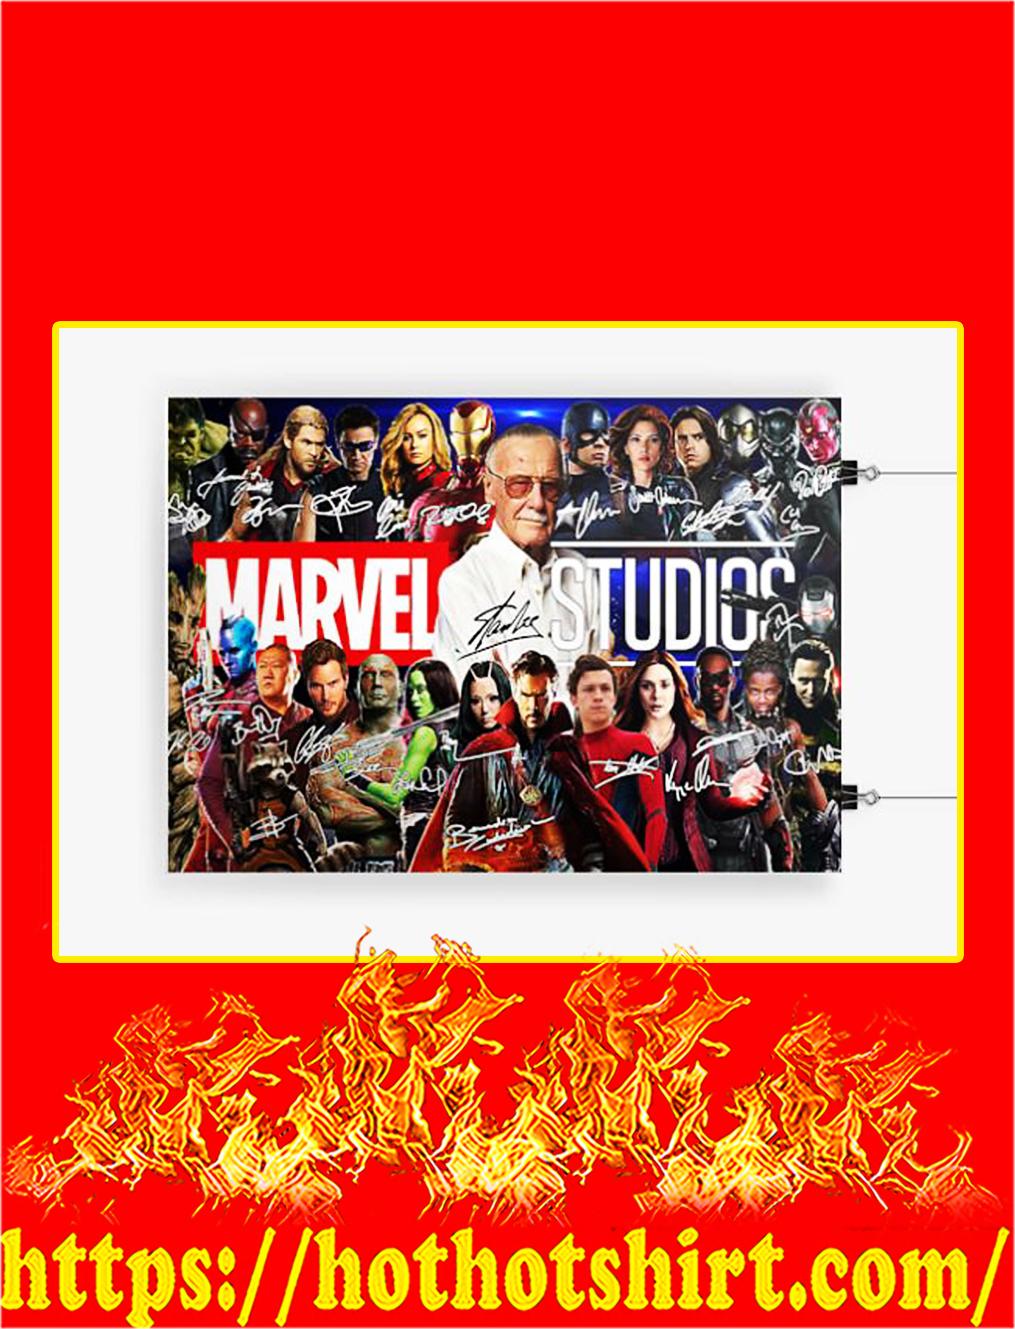 Stan lee marvel studios signature poster - A4